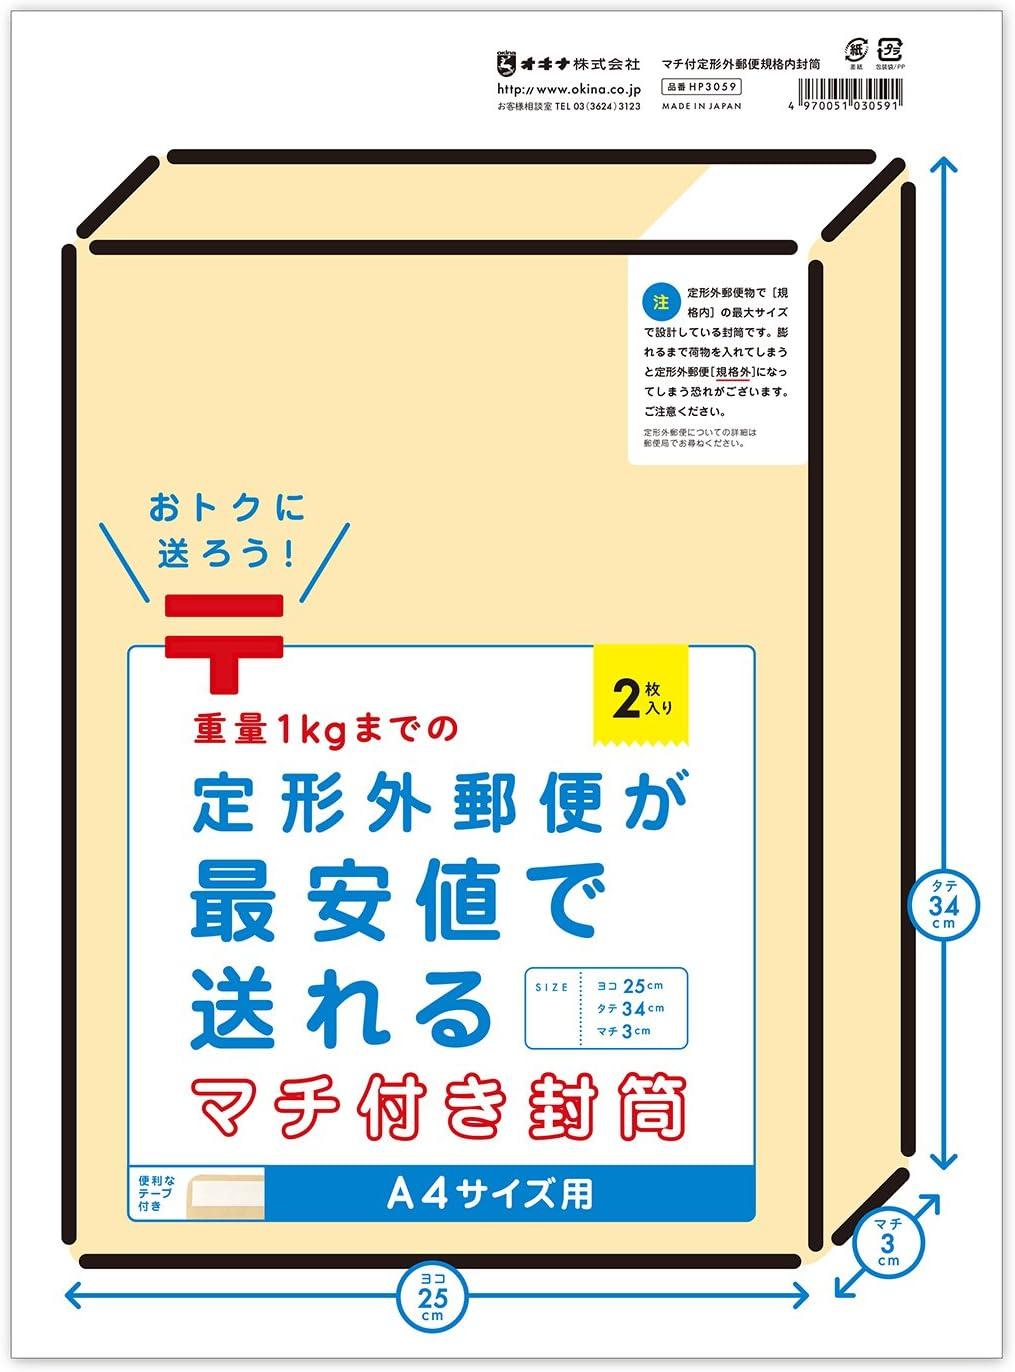 サイズ 定型 郵便